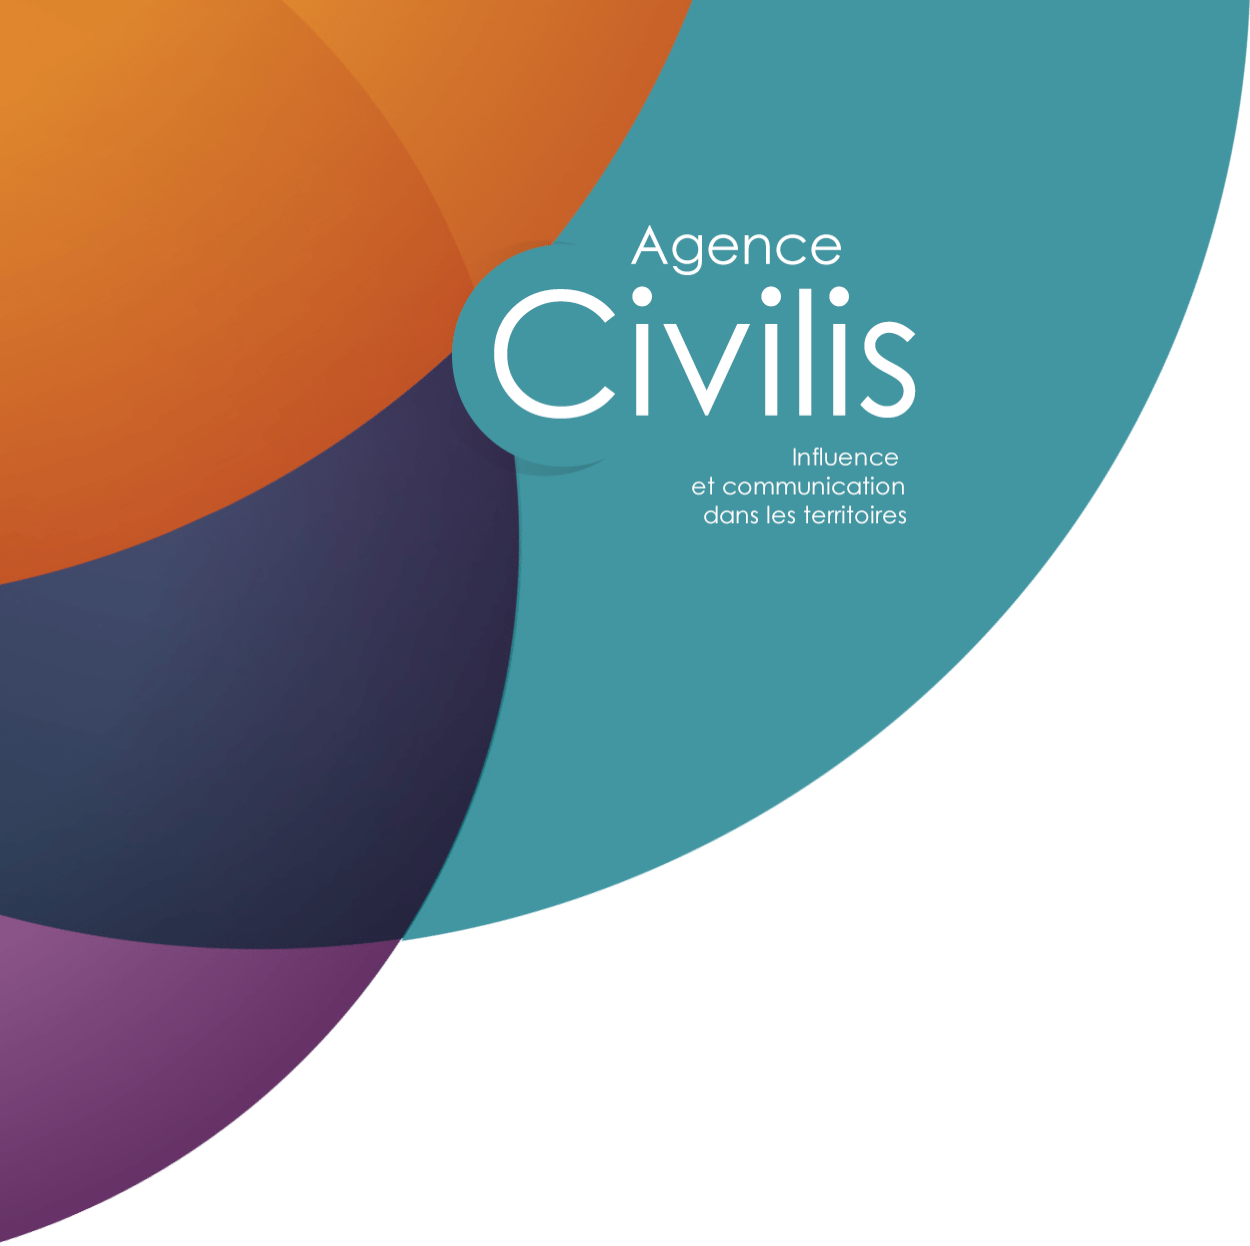 Agence Civilis - Influence & Communication dans les Territoires